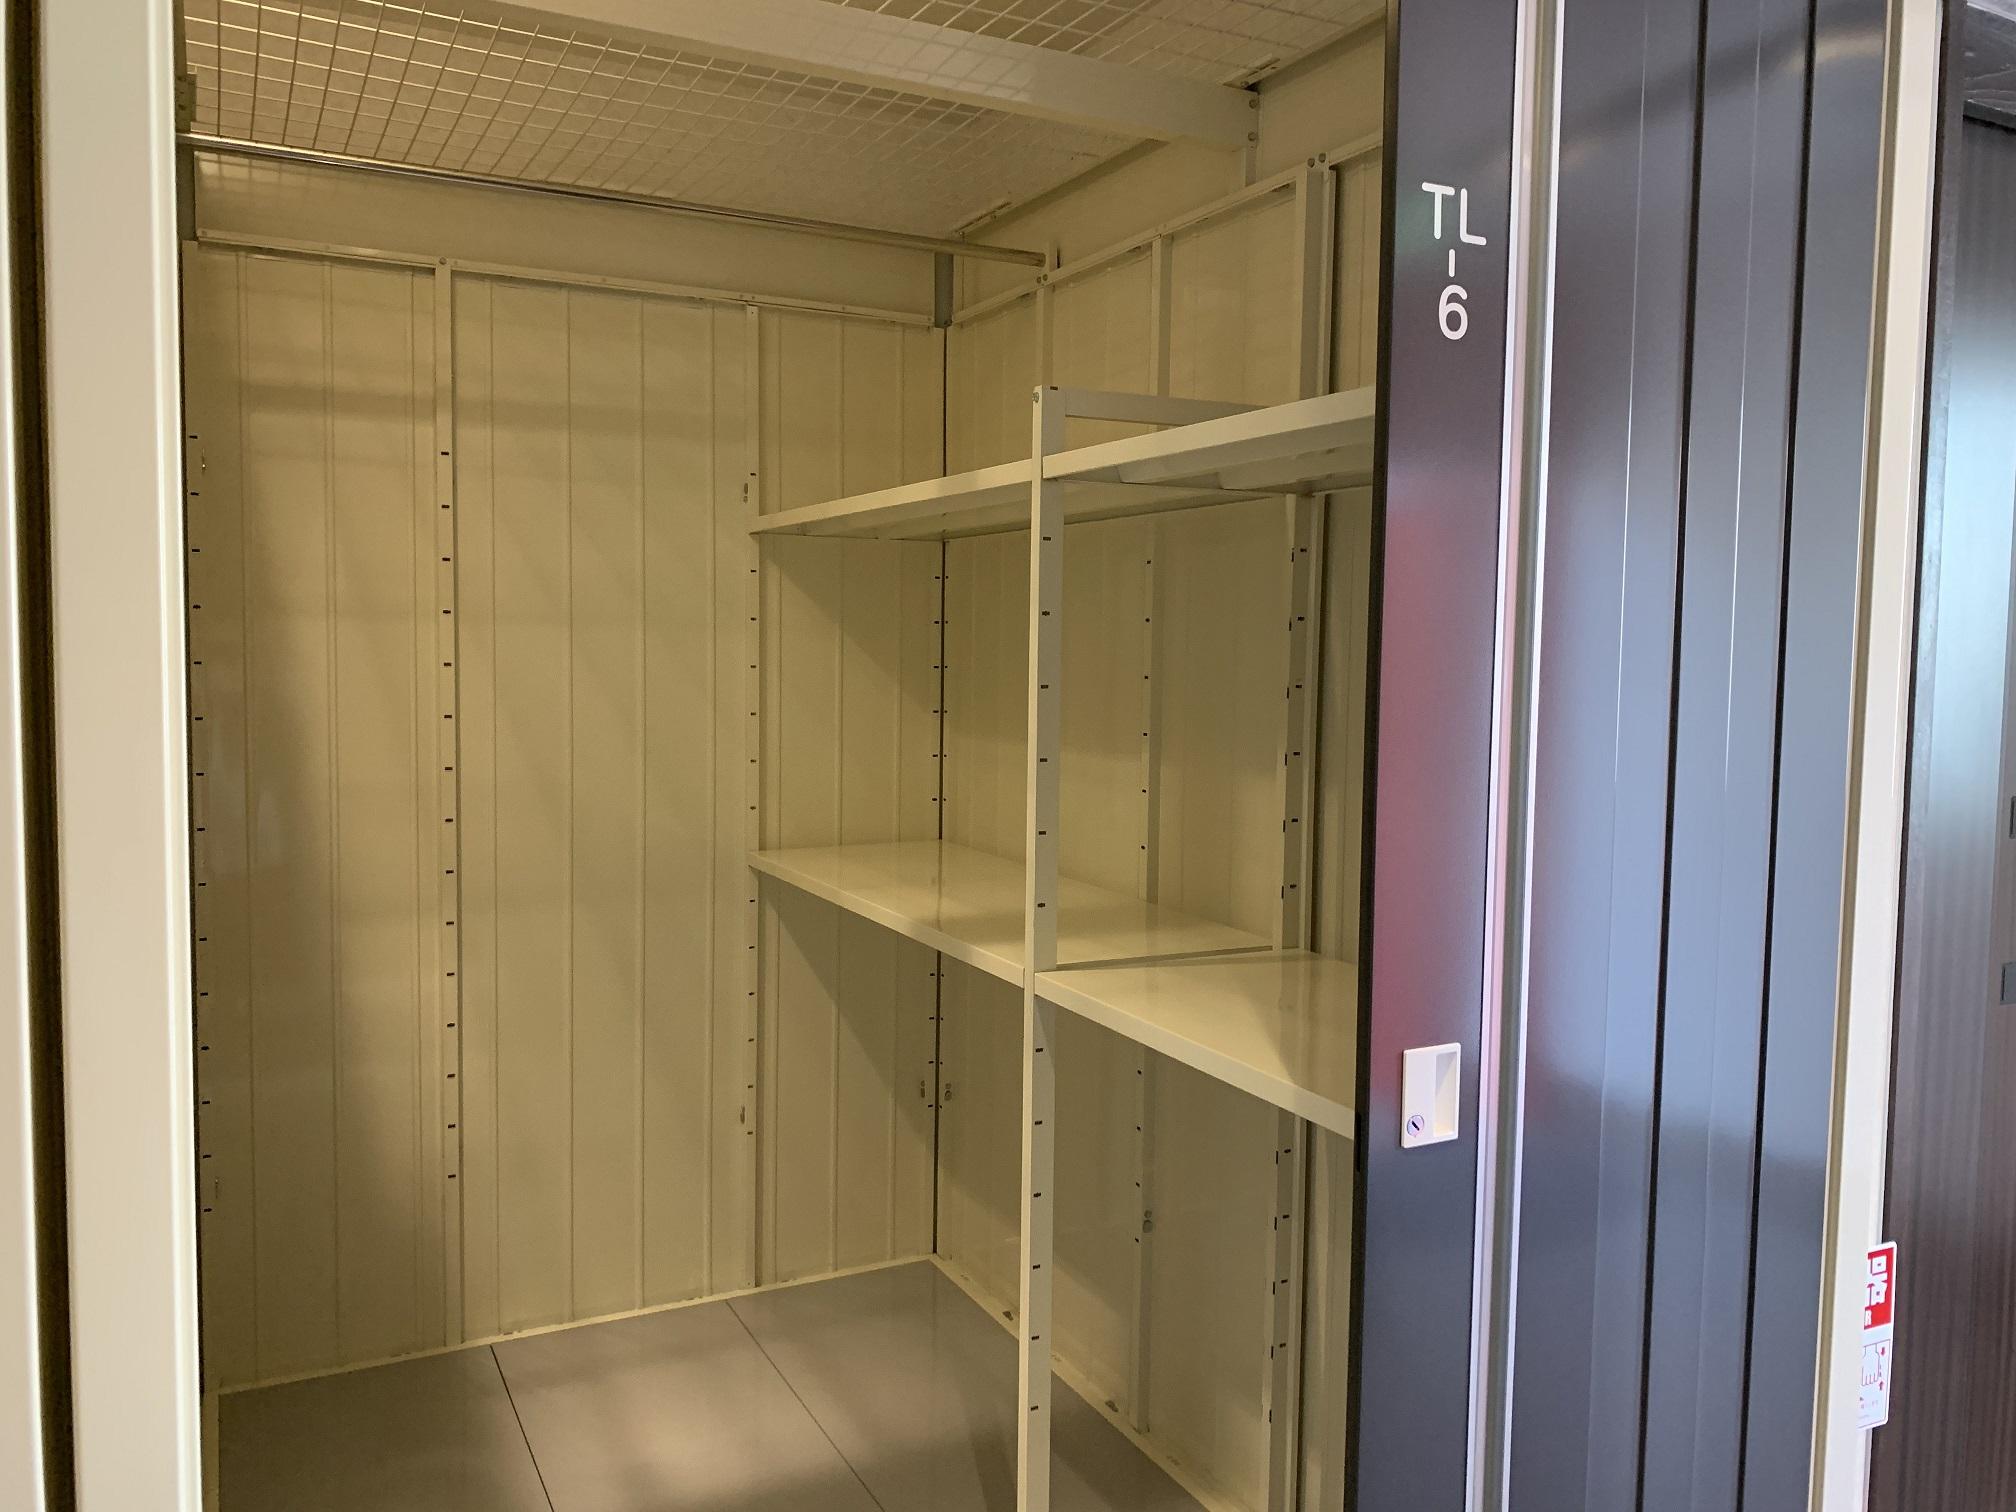 INABA96西保木間店 お洋服をハンガーにかけたまま収納することが可能です